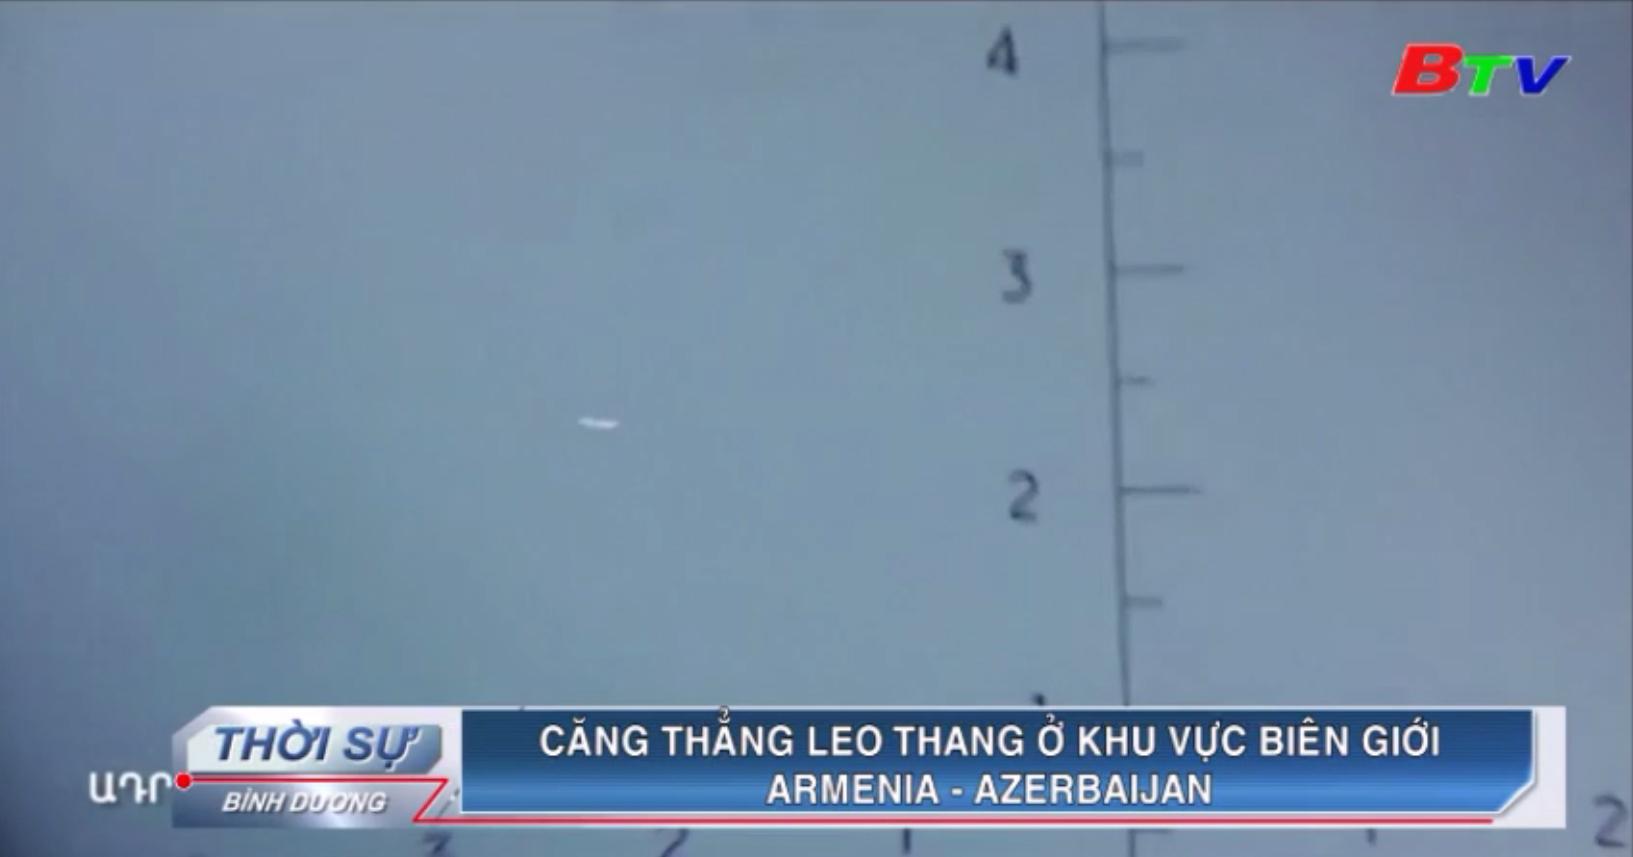 Căng thẳng leo thang ở khu vực biên giới Armenia - Azerbaijan